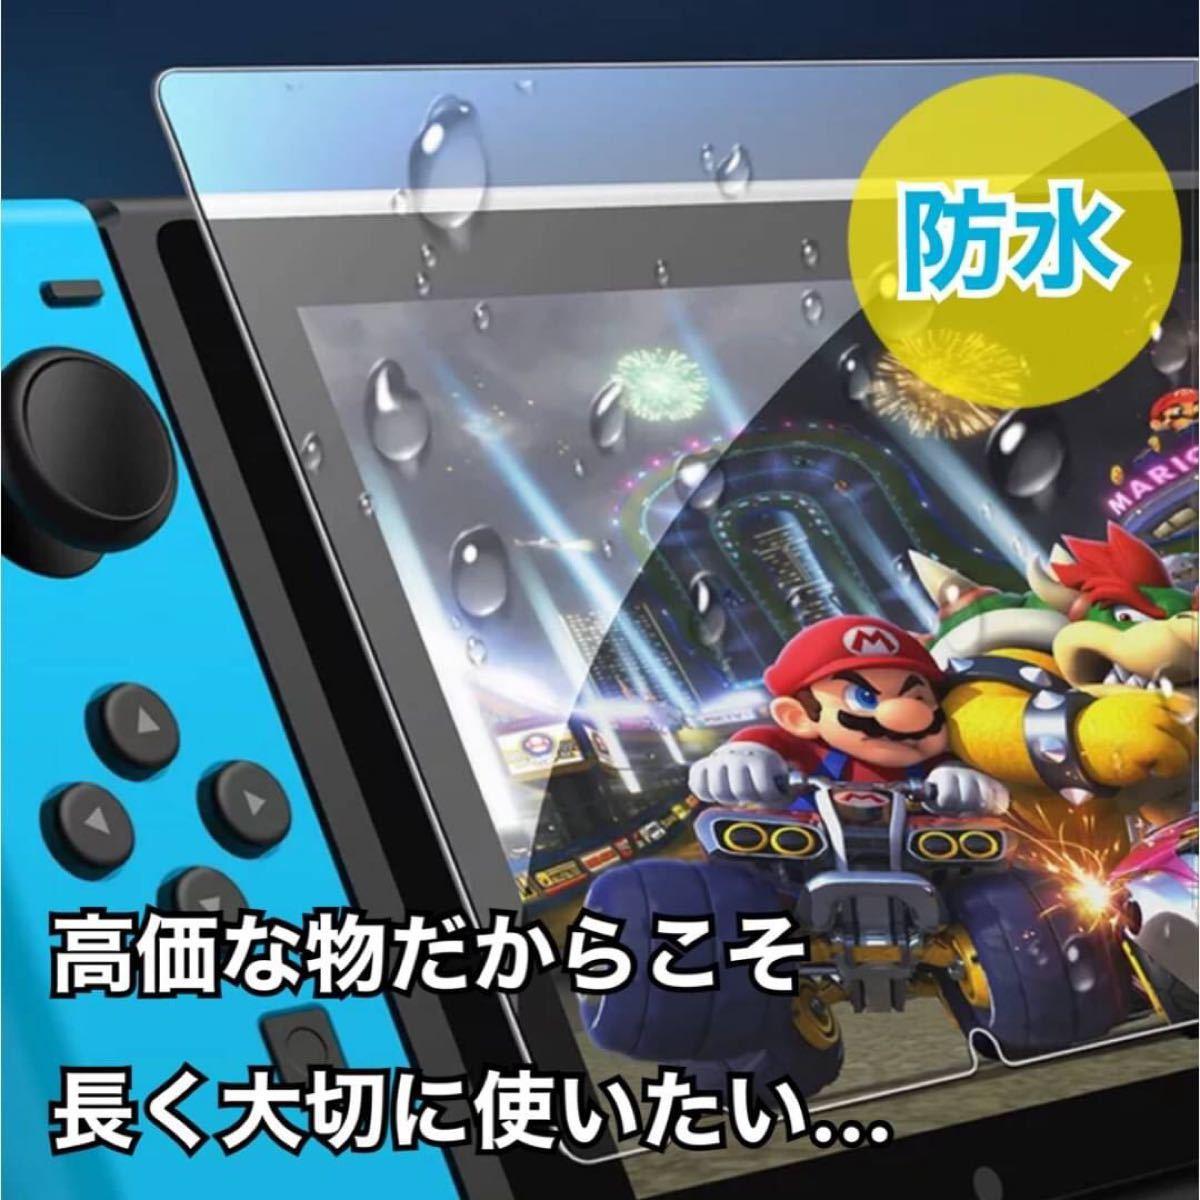 任天堂スイッチ Switch 保護フィルム ガラスフィルム ブルーライトカット 新品未使用 送料無料 液晶 画面